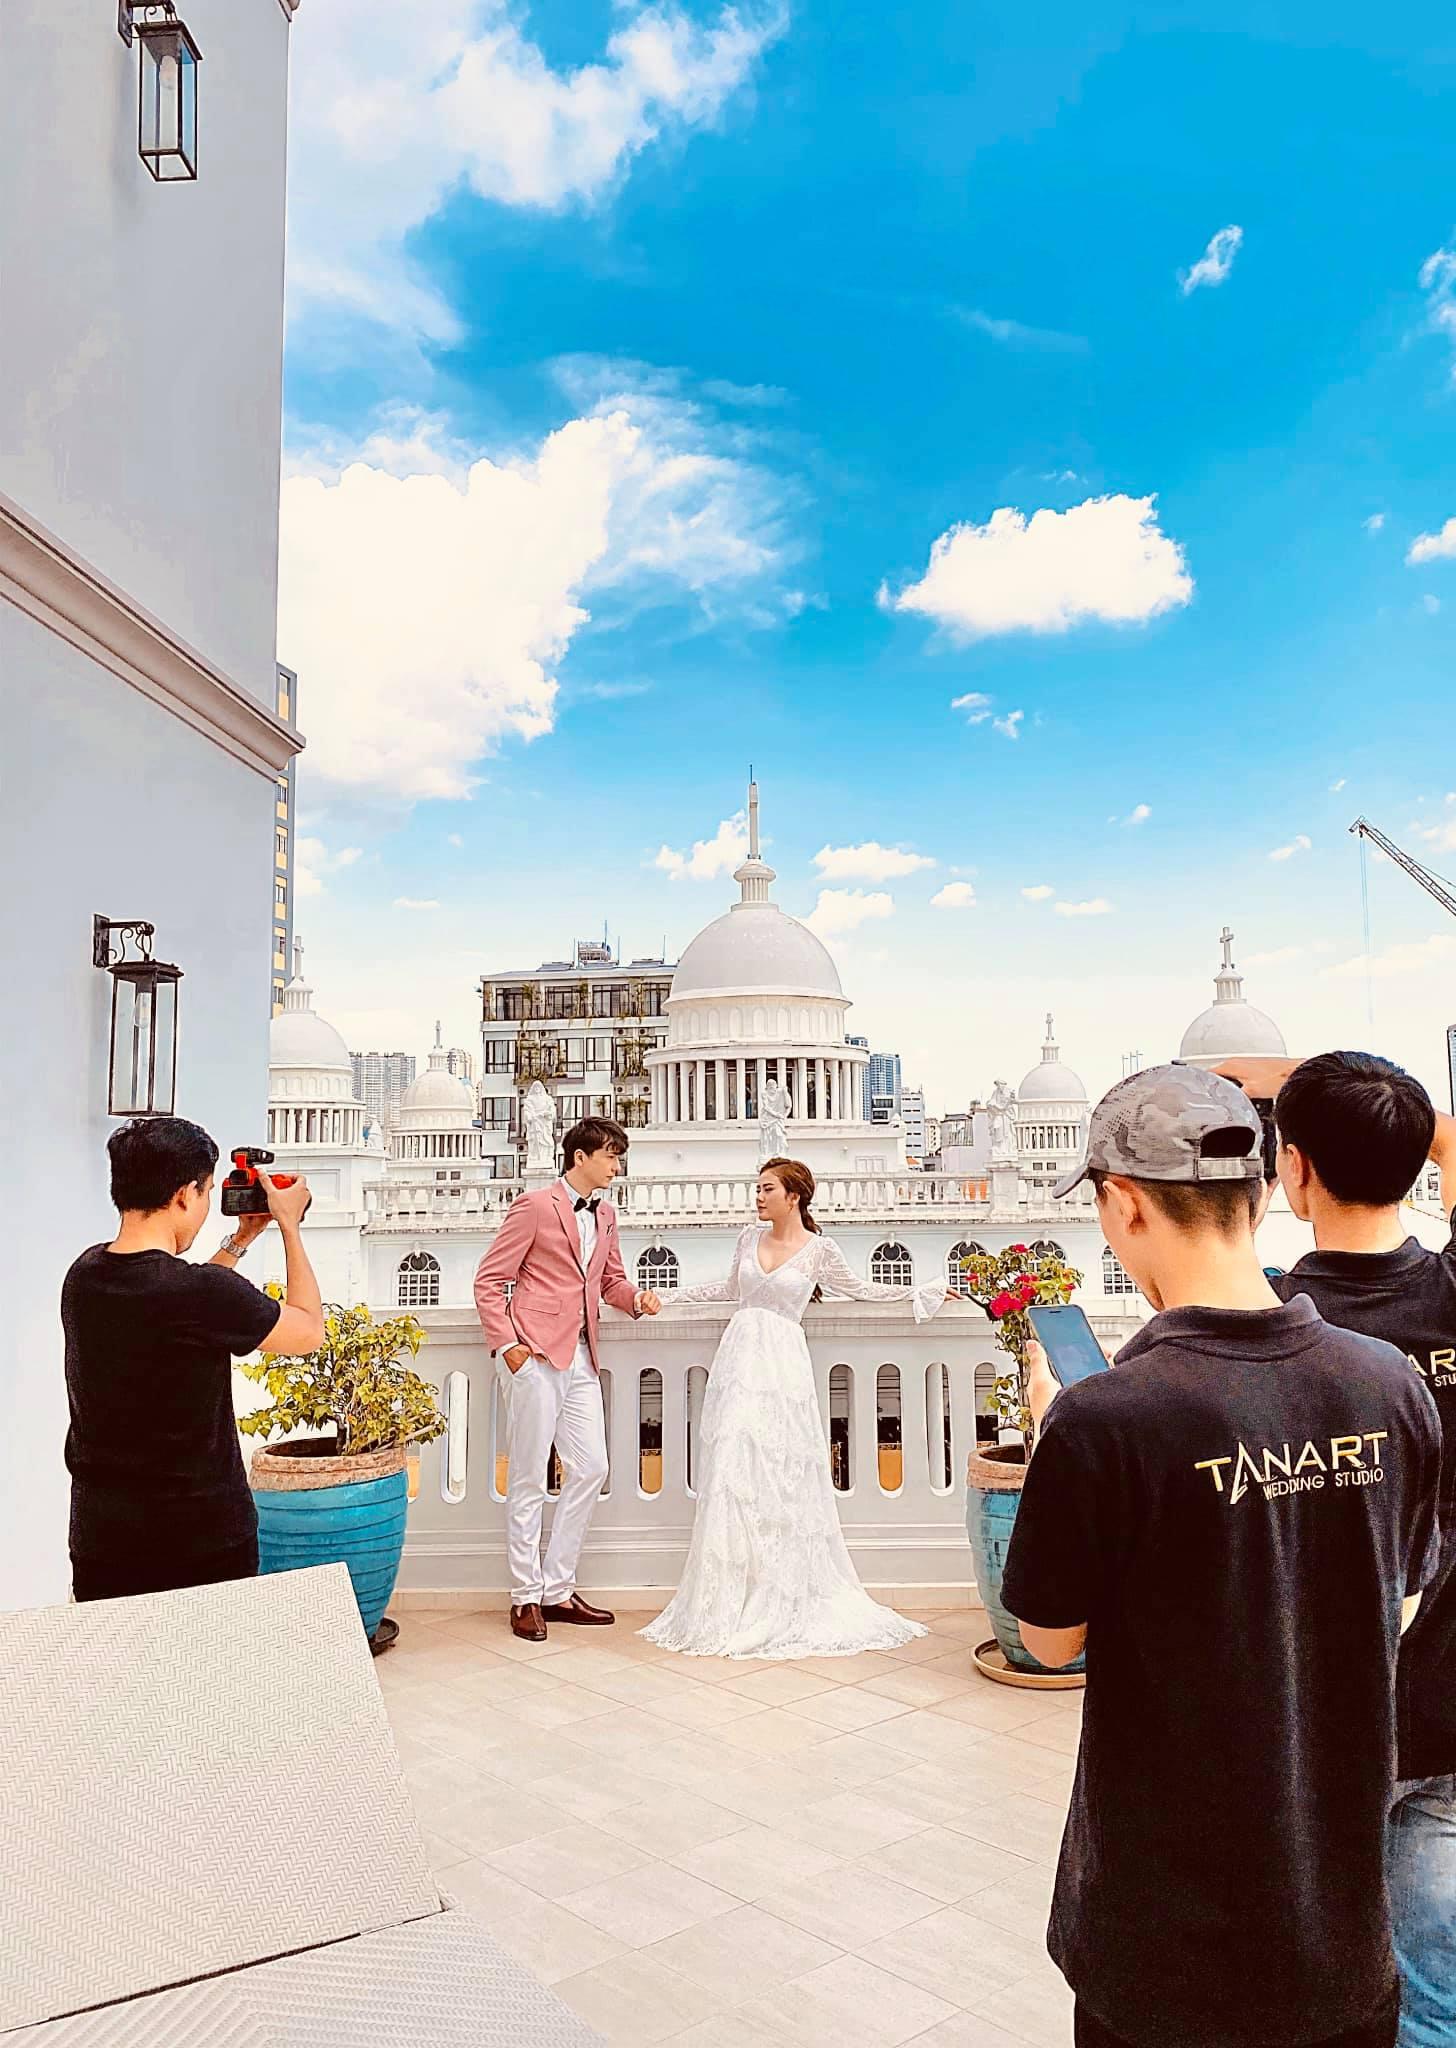 Tanart studio Marry